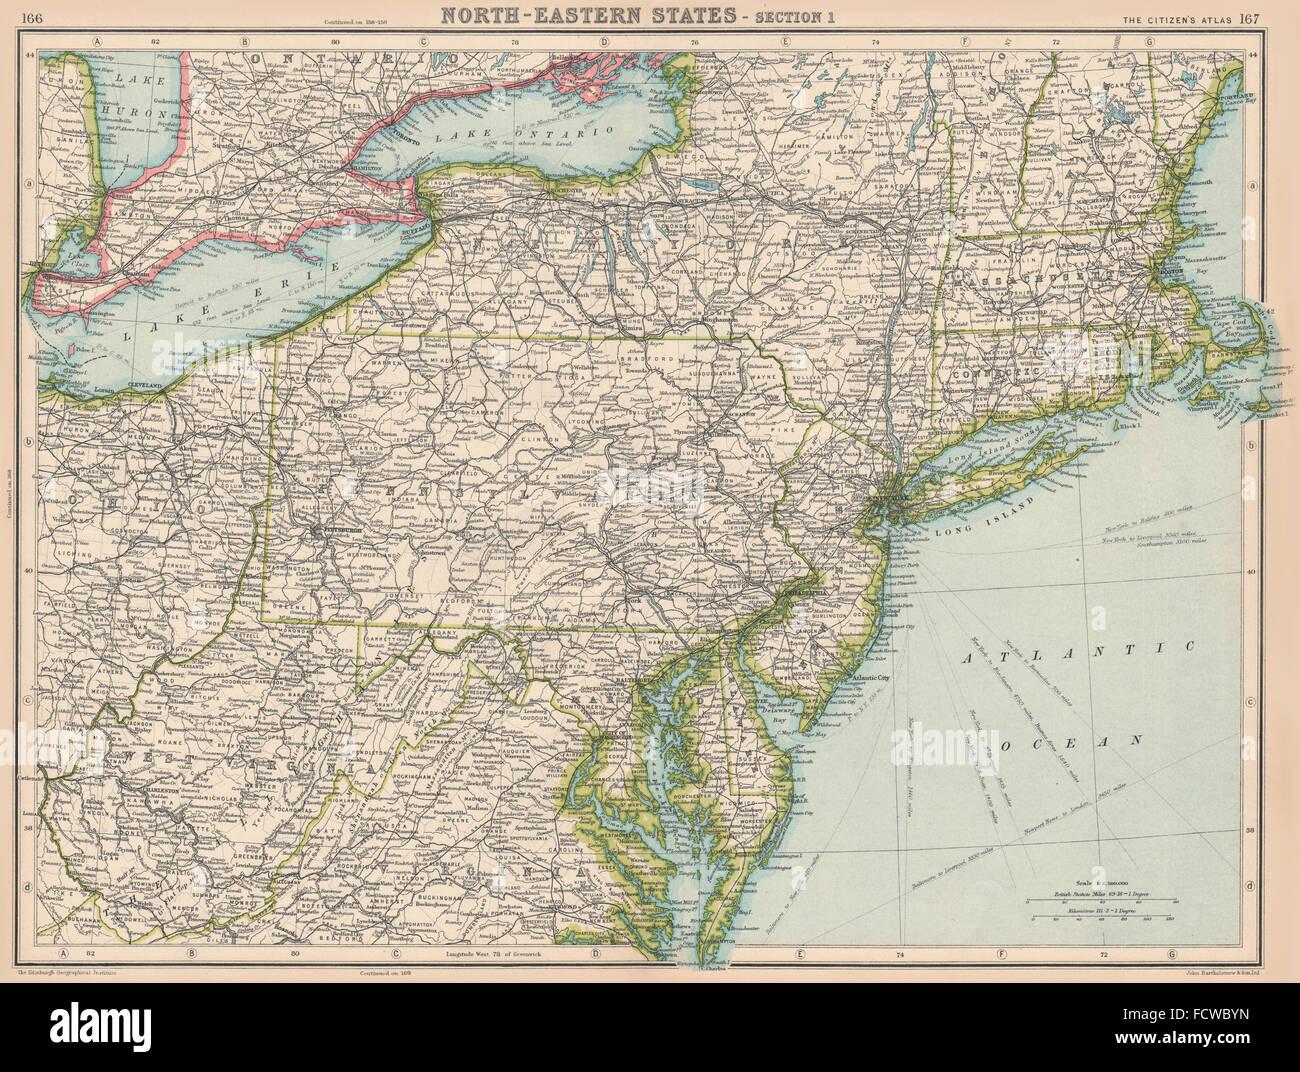 USA: North-Eastern States. BARTHOLOMEW, 1924 vintage map Stock Photo ...